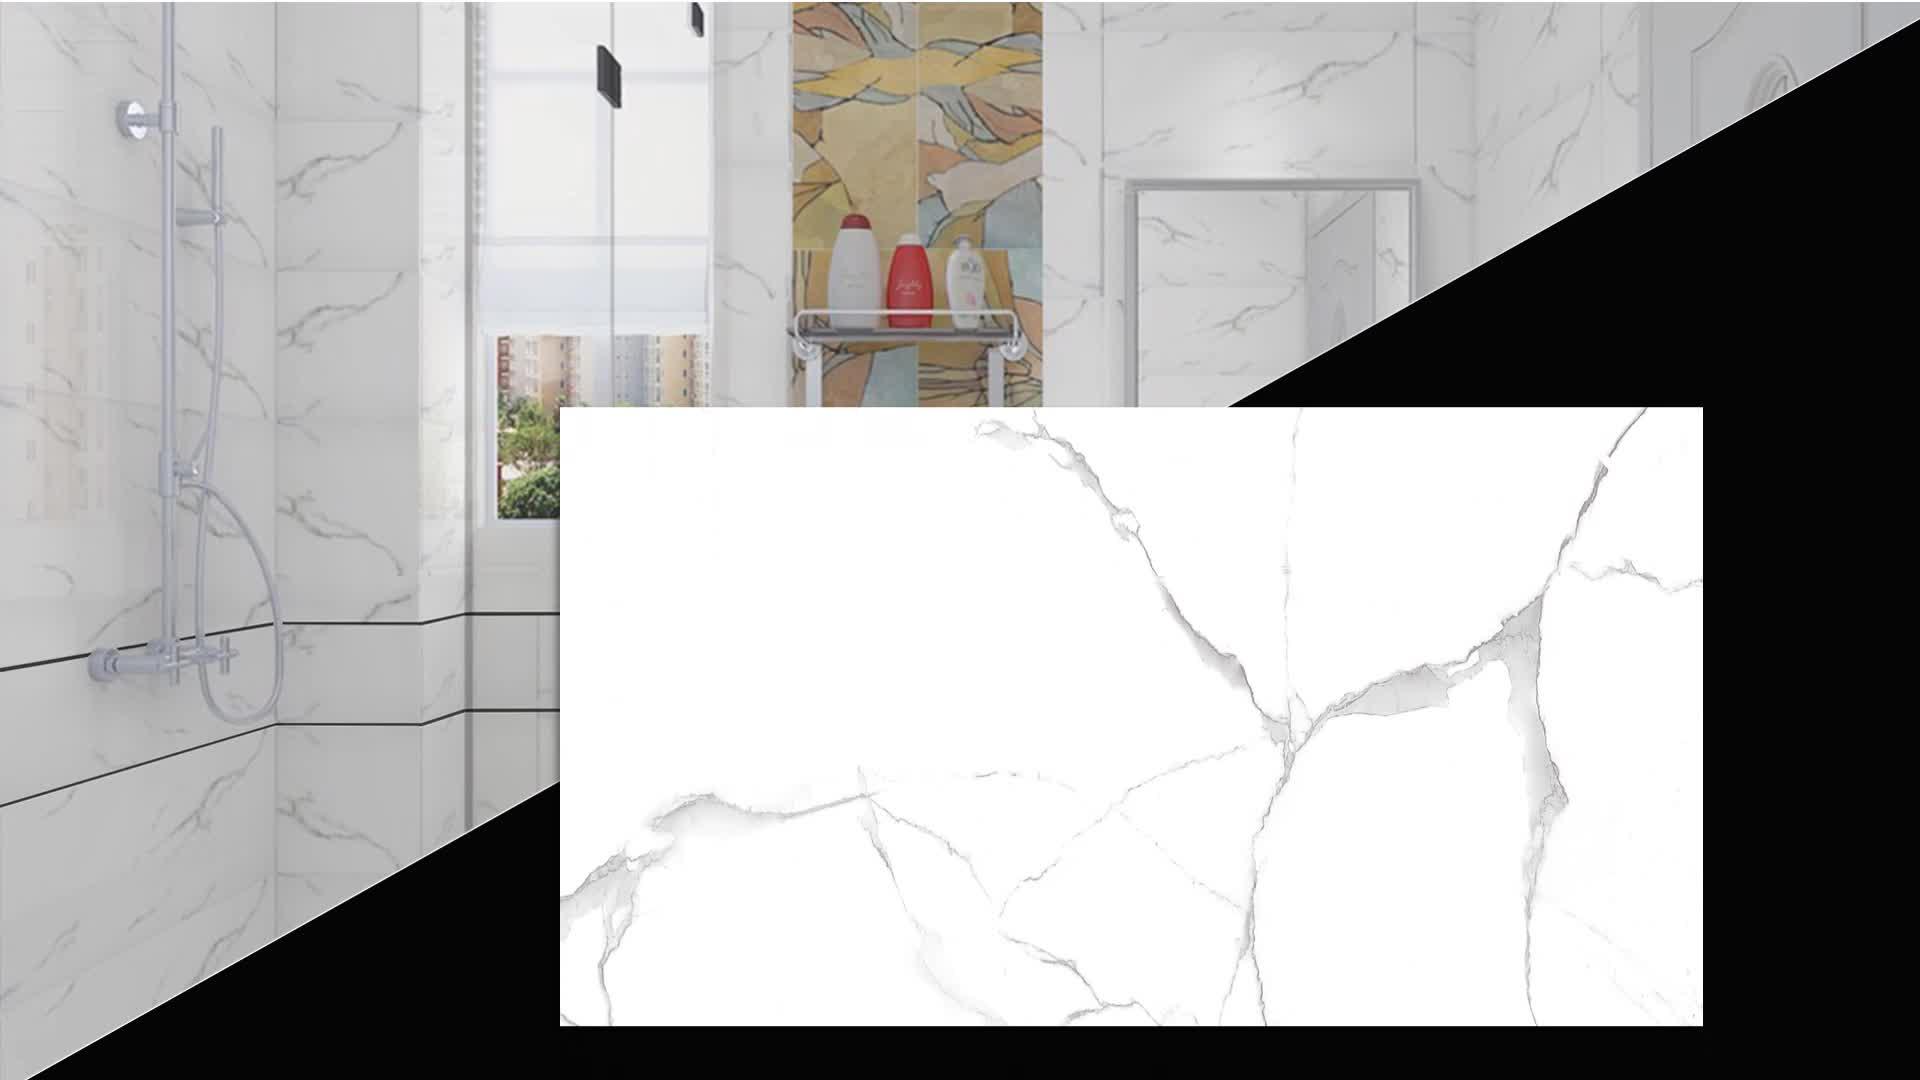 Marmer In Woonkamer : Interieur keramische woonkamer wandtegels witte marmeren tegels